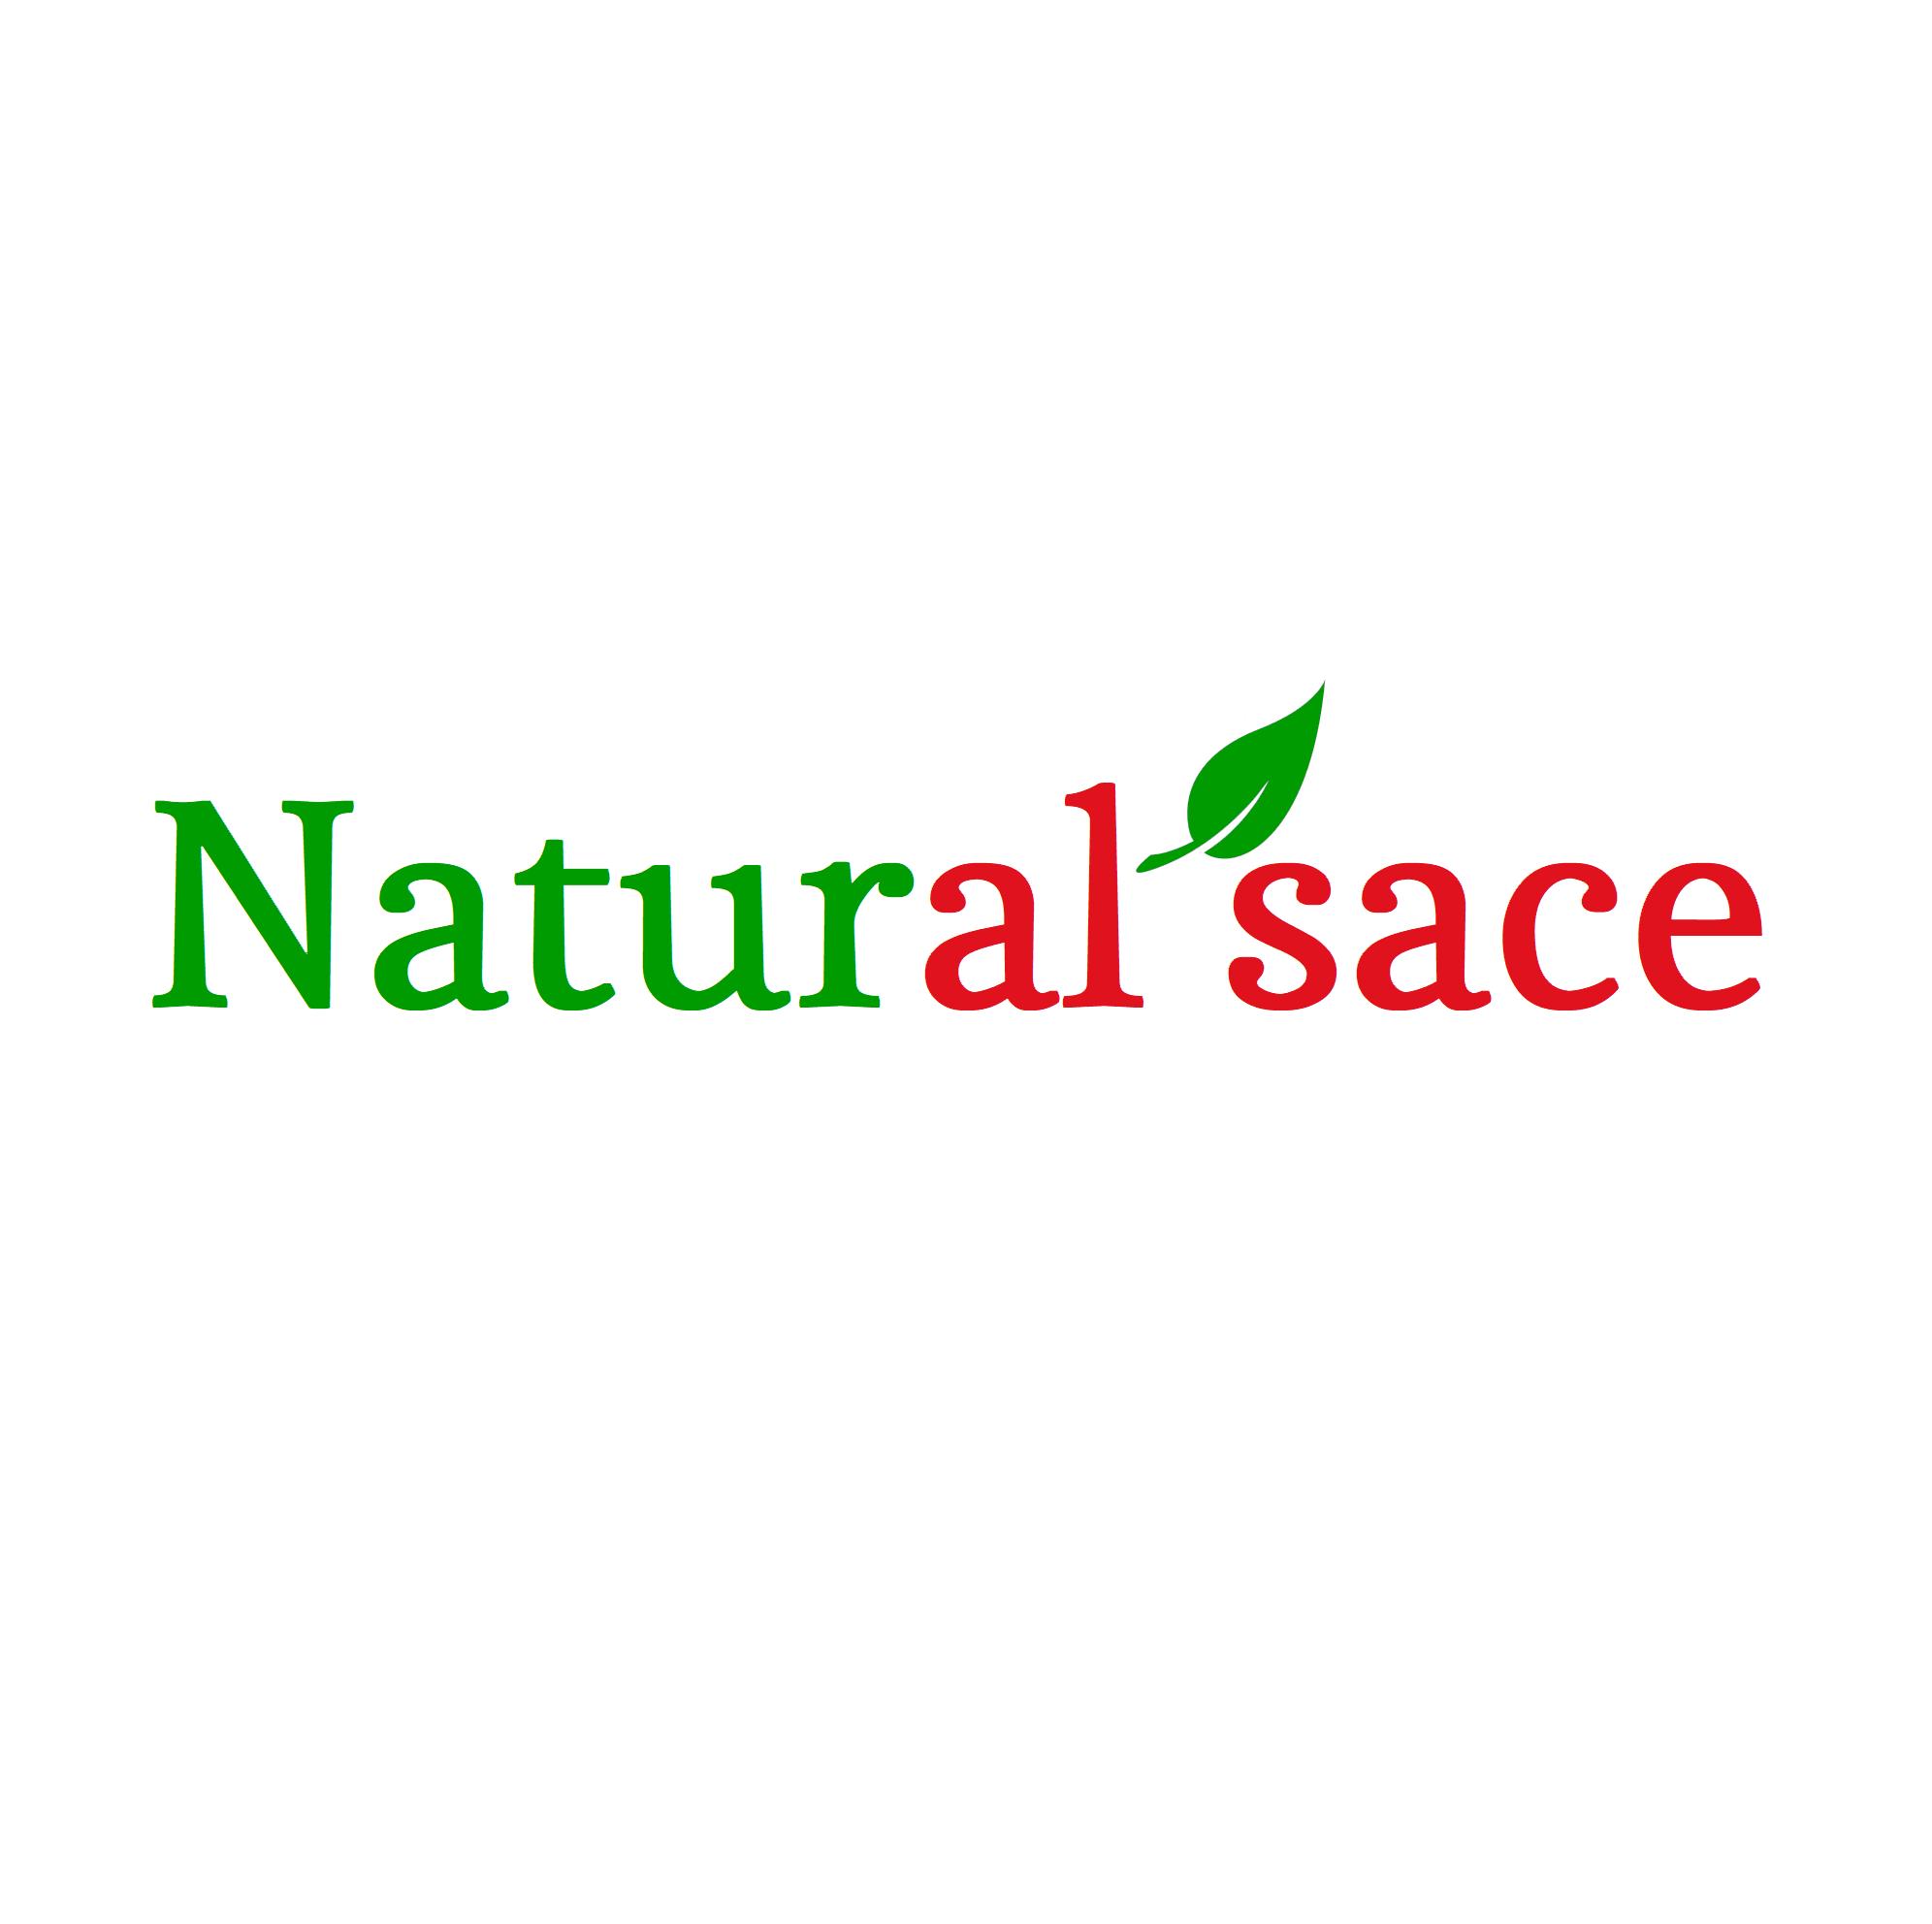 Natural'sace